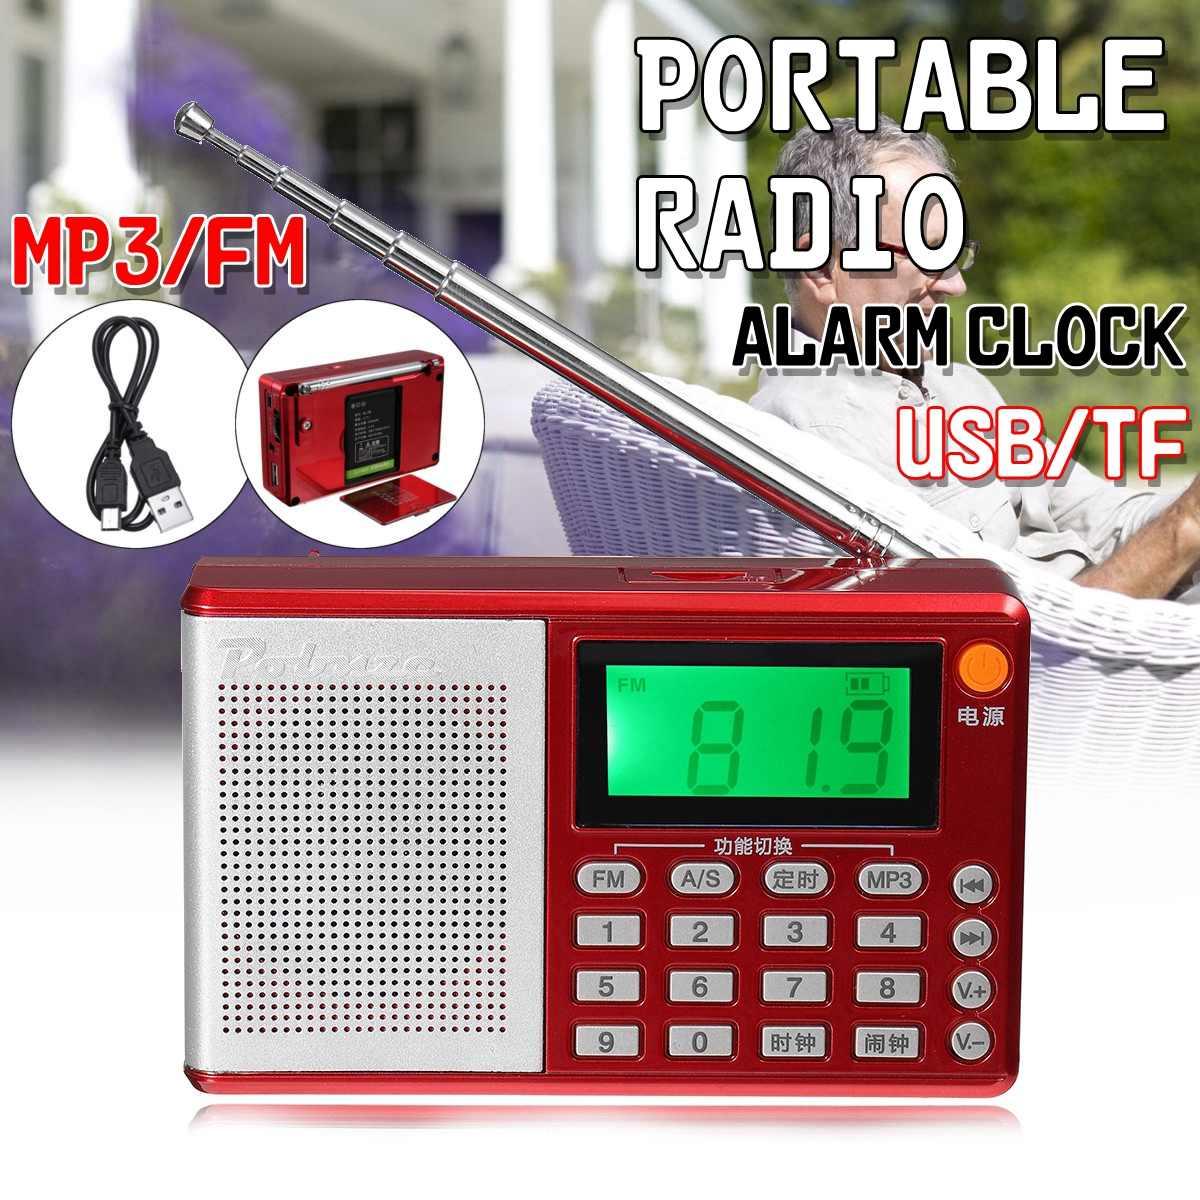 Tragbare Taschen Radio Fm Am Sw Lautsprecher Digitale Mp3 Player Usb Uhr Alarm Mit Led-anzeige Tragbares Audio & Video Radio